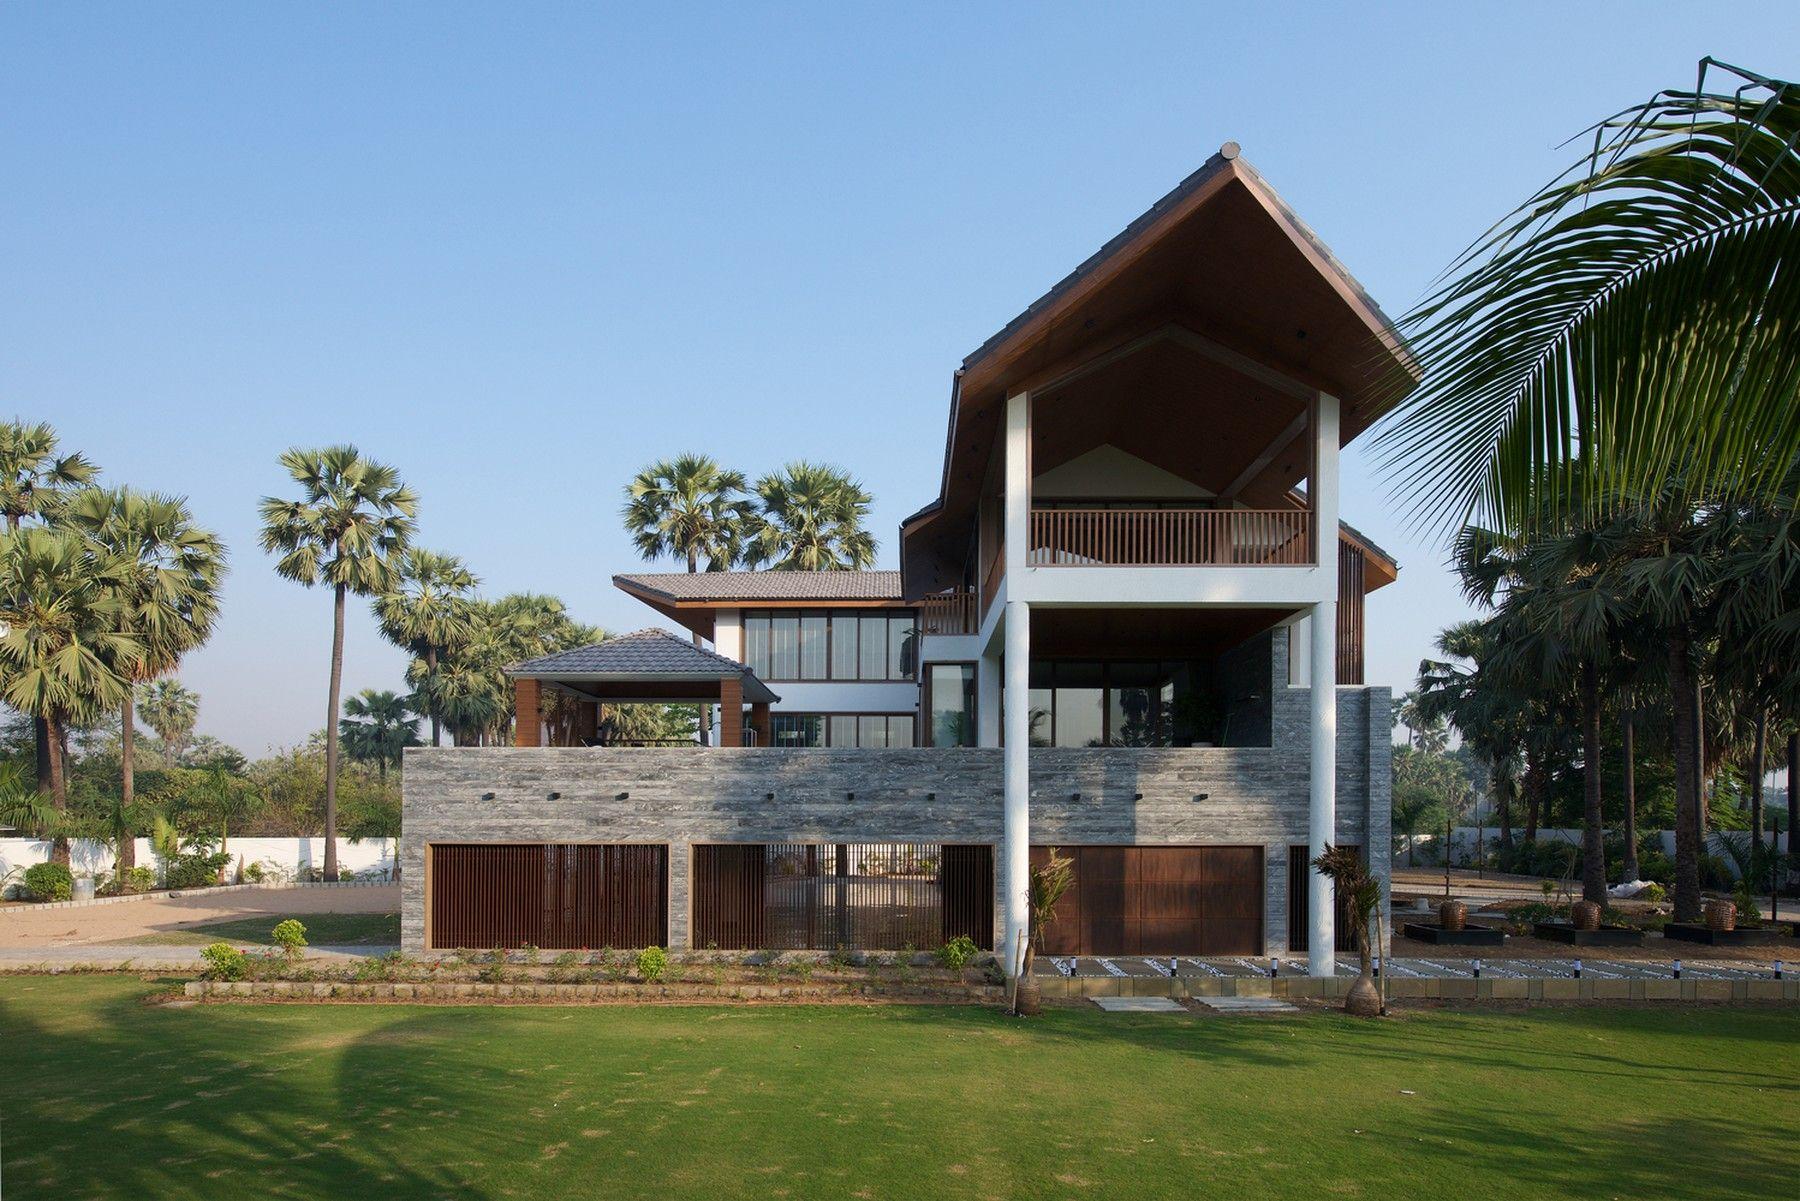 Gable House - Bdesign24 Studio #Bdesign24Studio #Cladding #Construction #